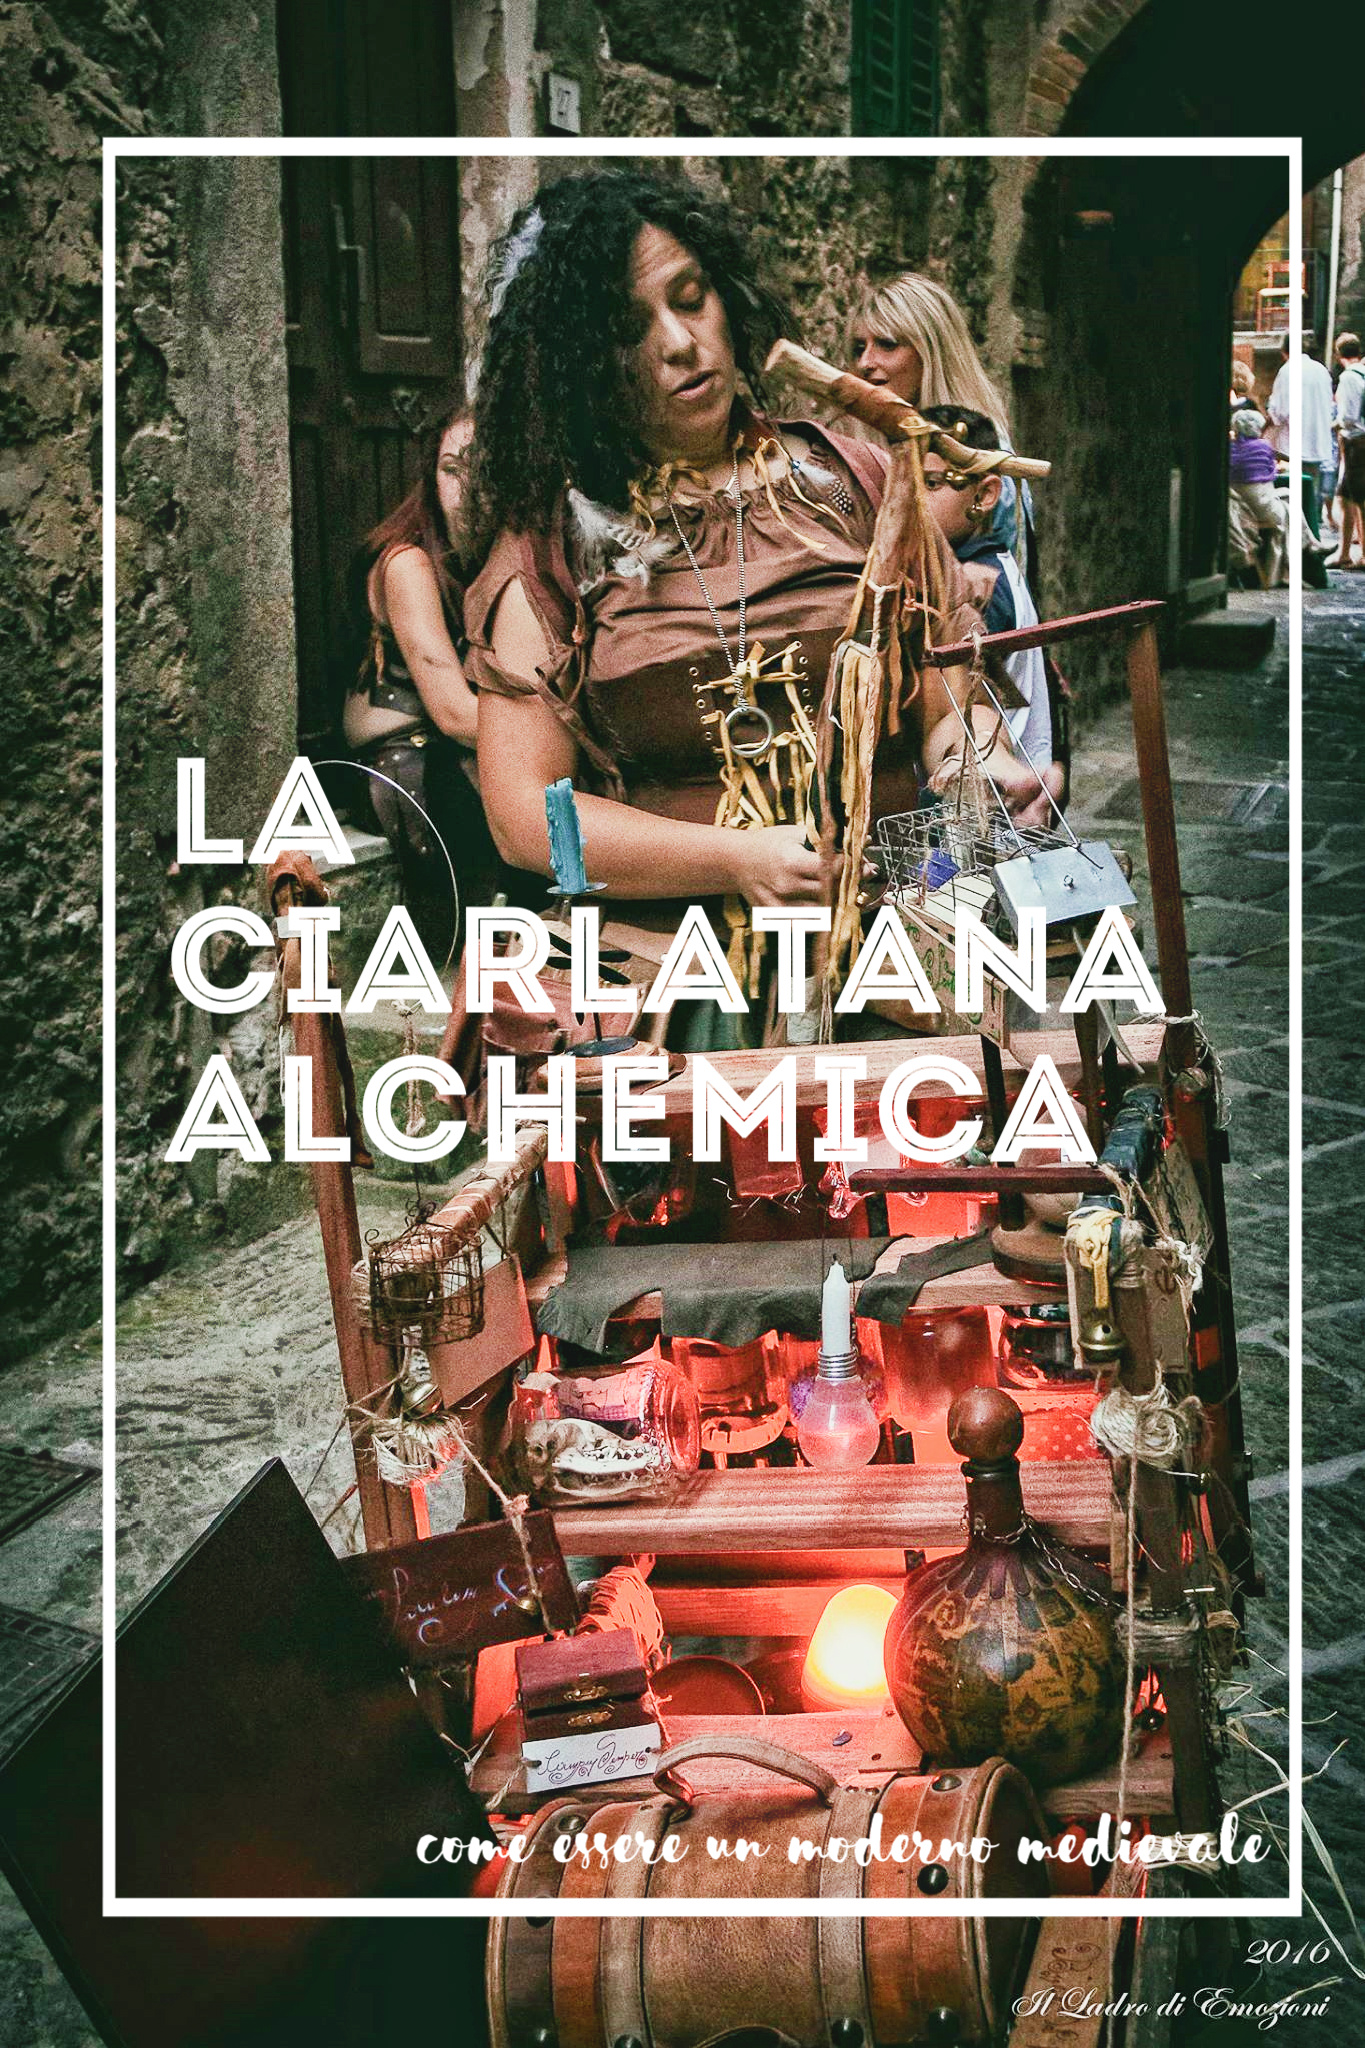 la ciarlatana alchemica